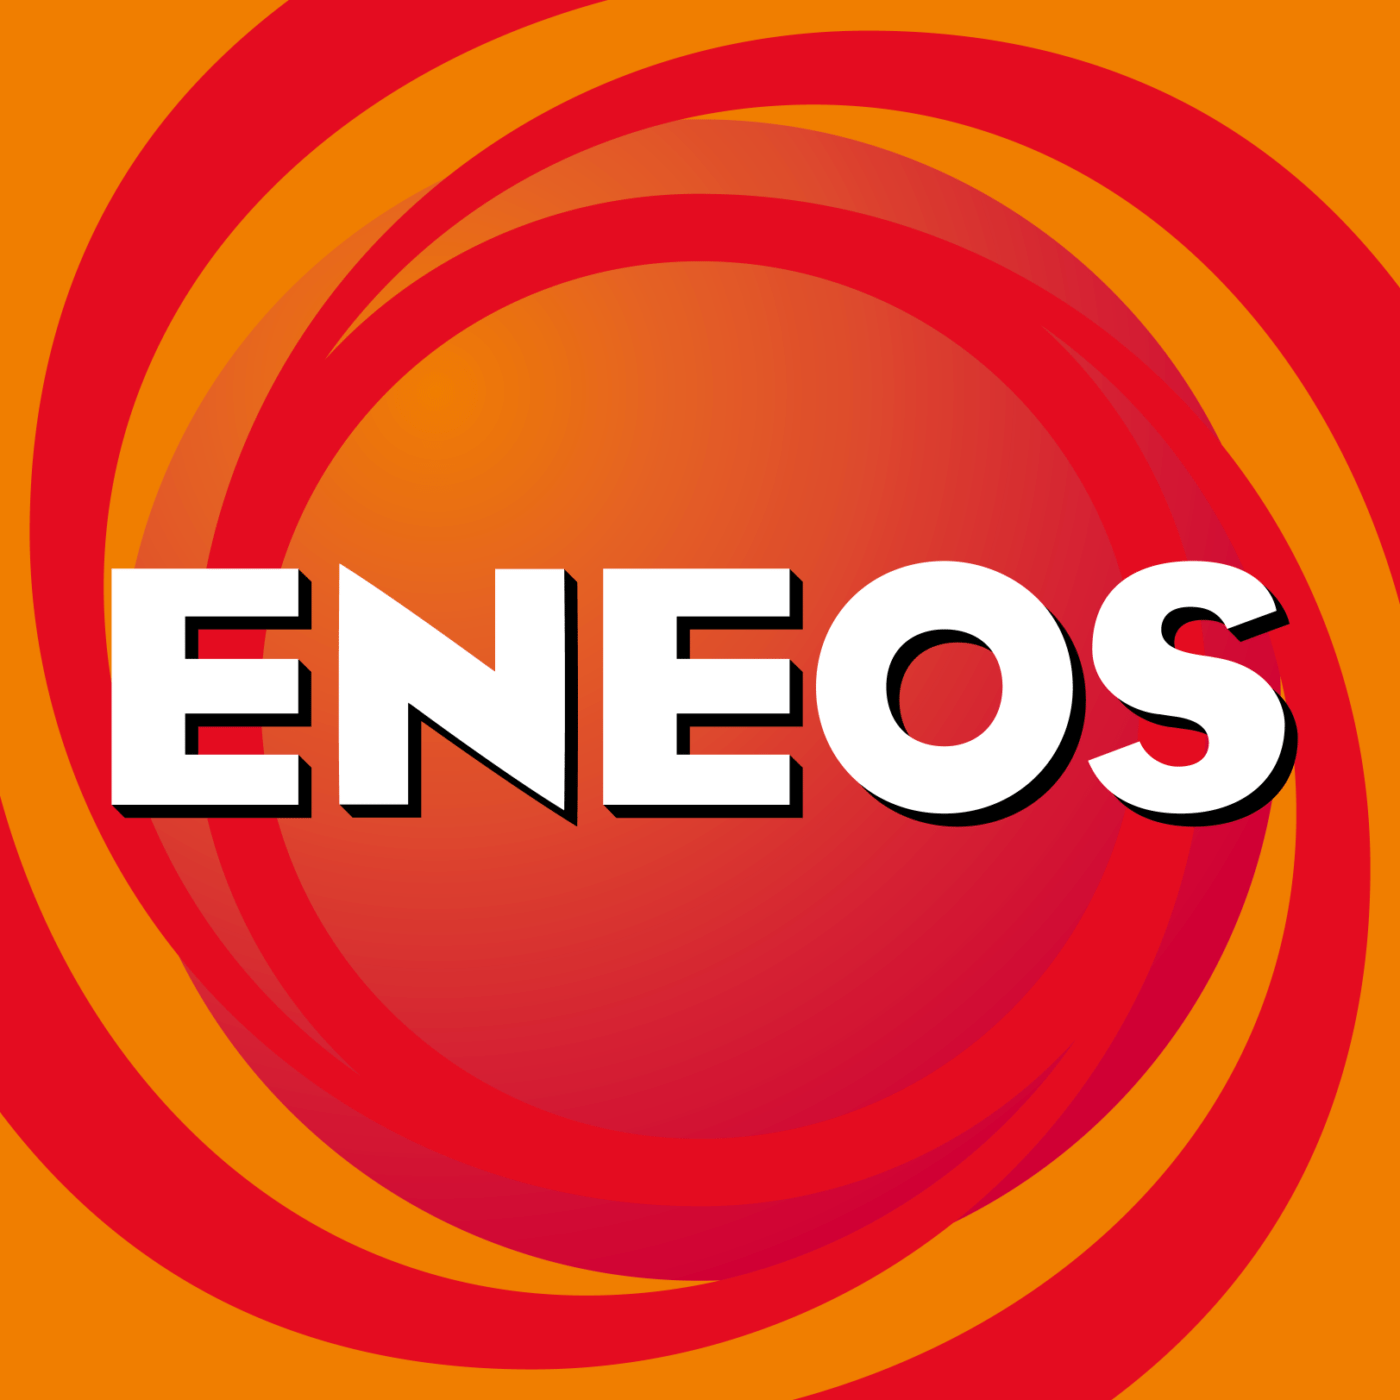 ATRONICS - PHÂN PHỐI CÁC DÒNG SẢN PHẨM DẦU ENEOS SỐ 1 NHẬT BẢN